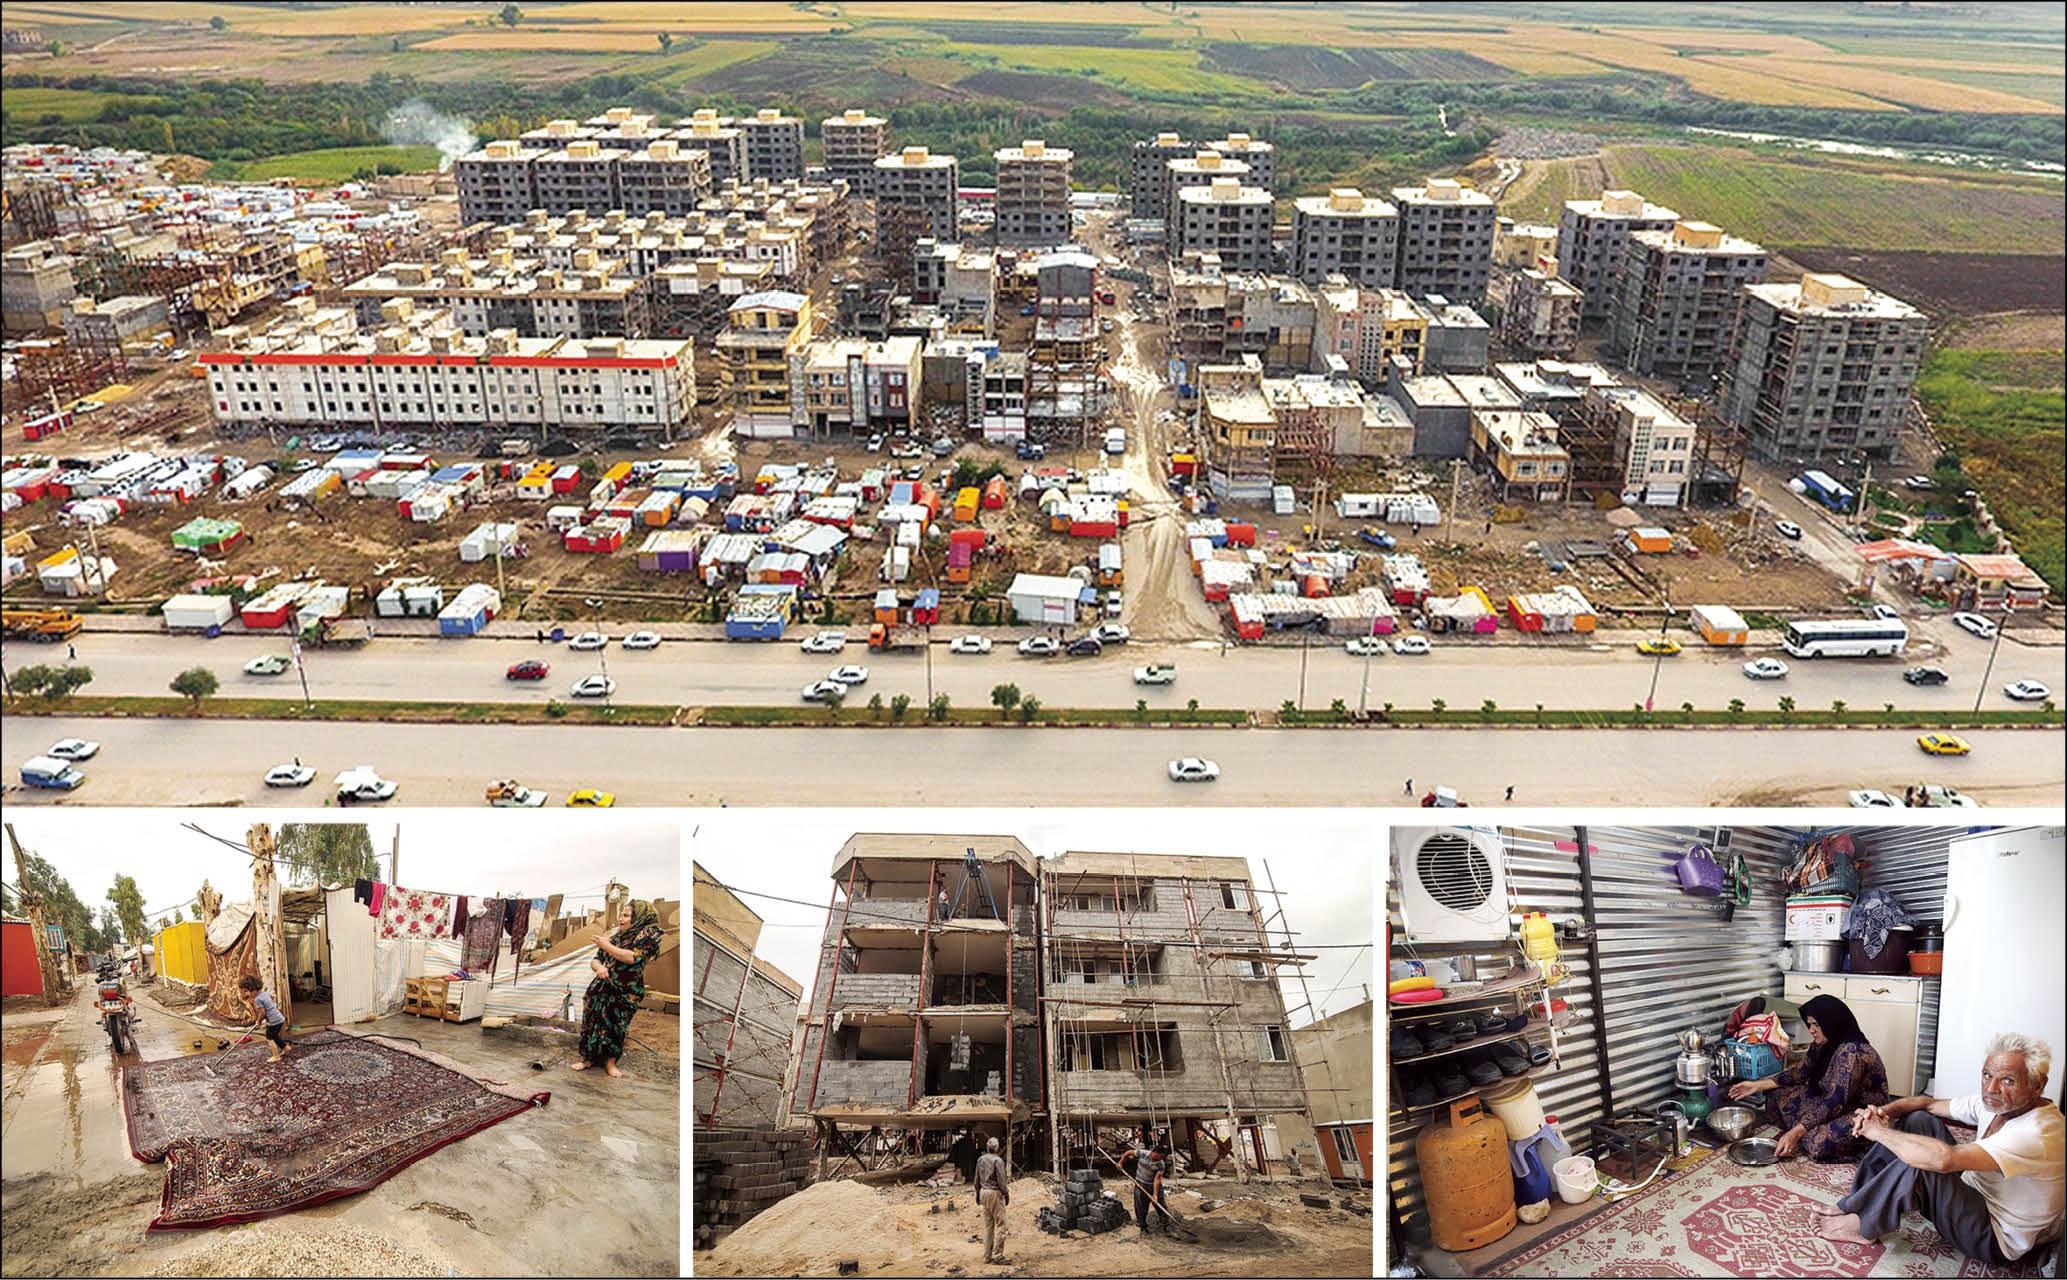 یک سال بعد از زلزله؛ زخم همچنان بر پیکر کرمانشاه